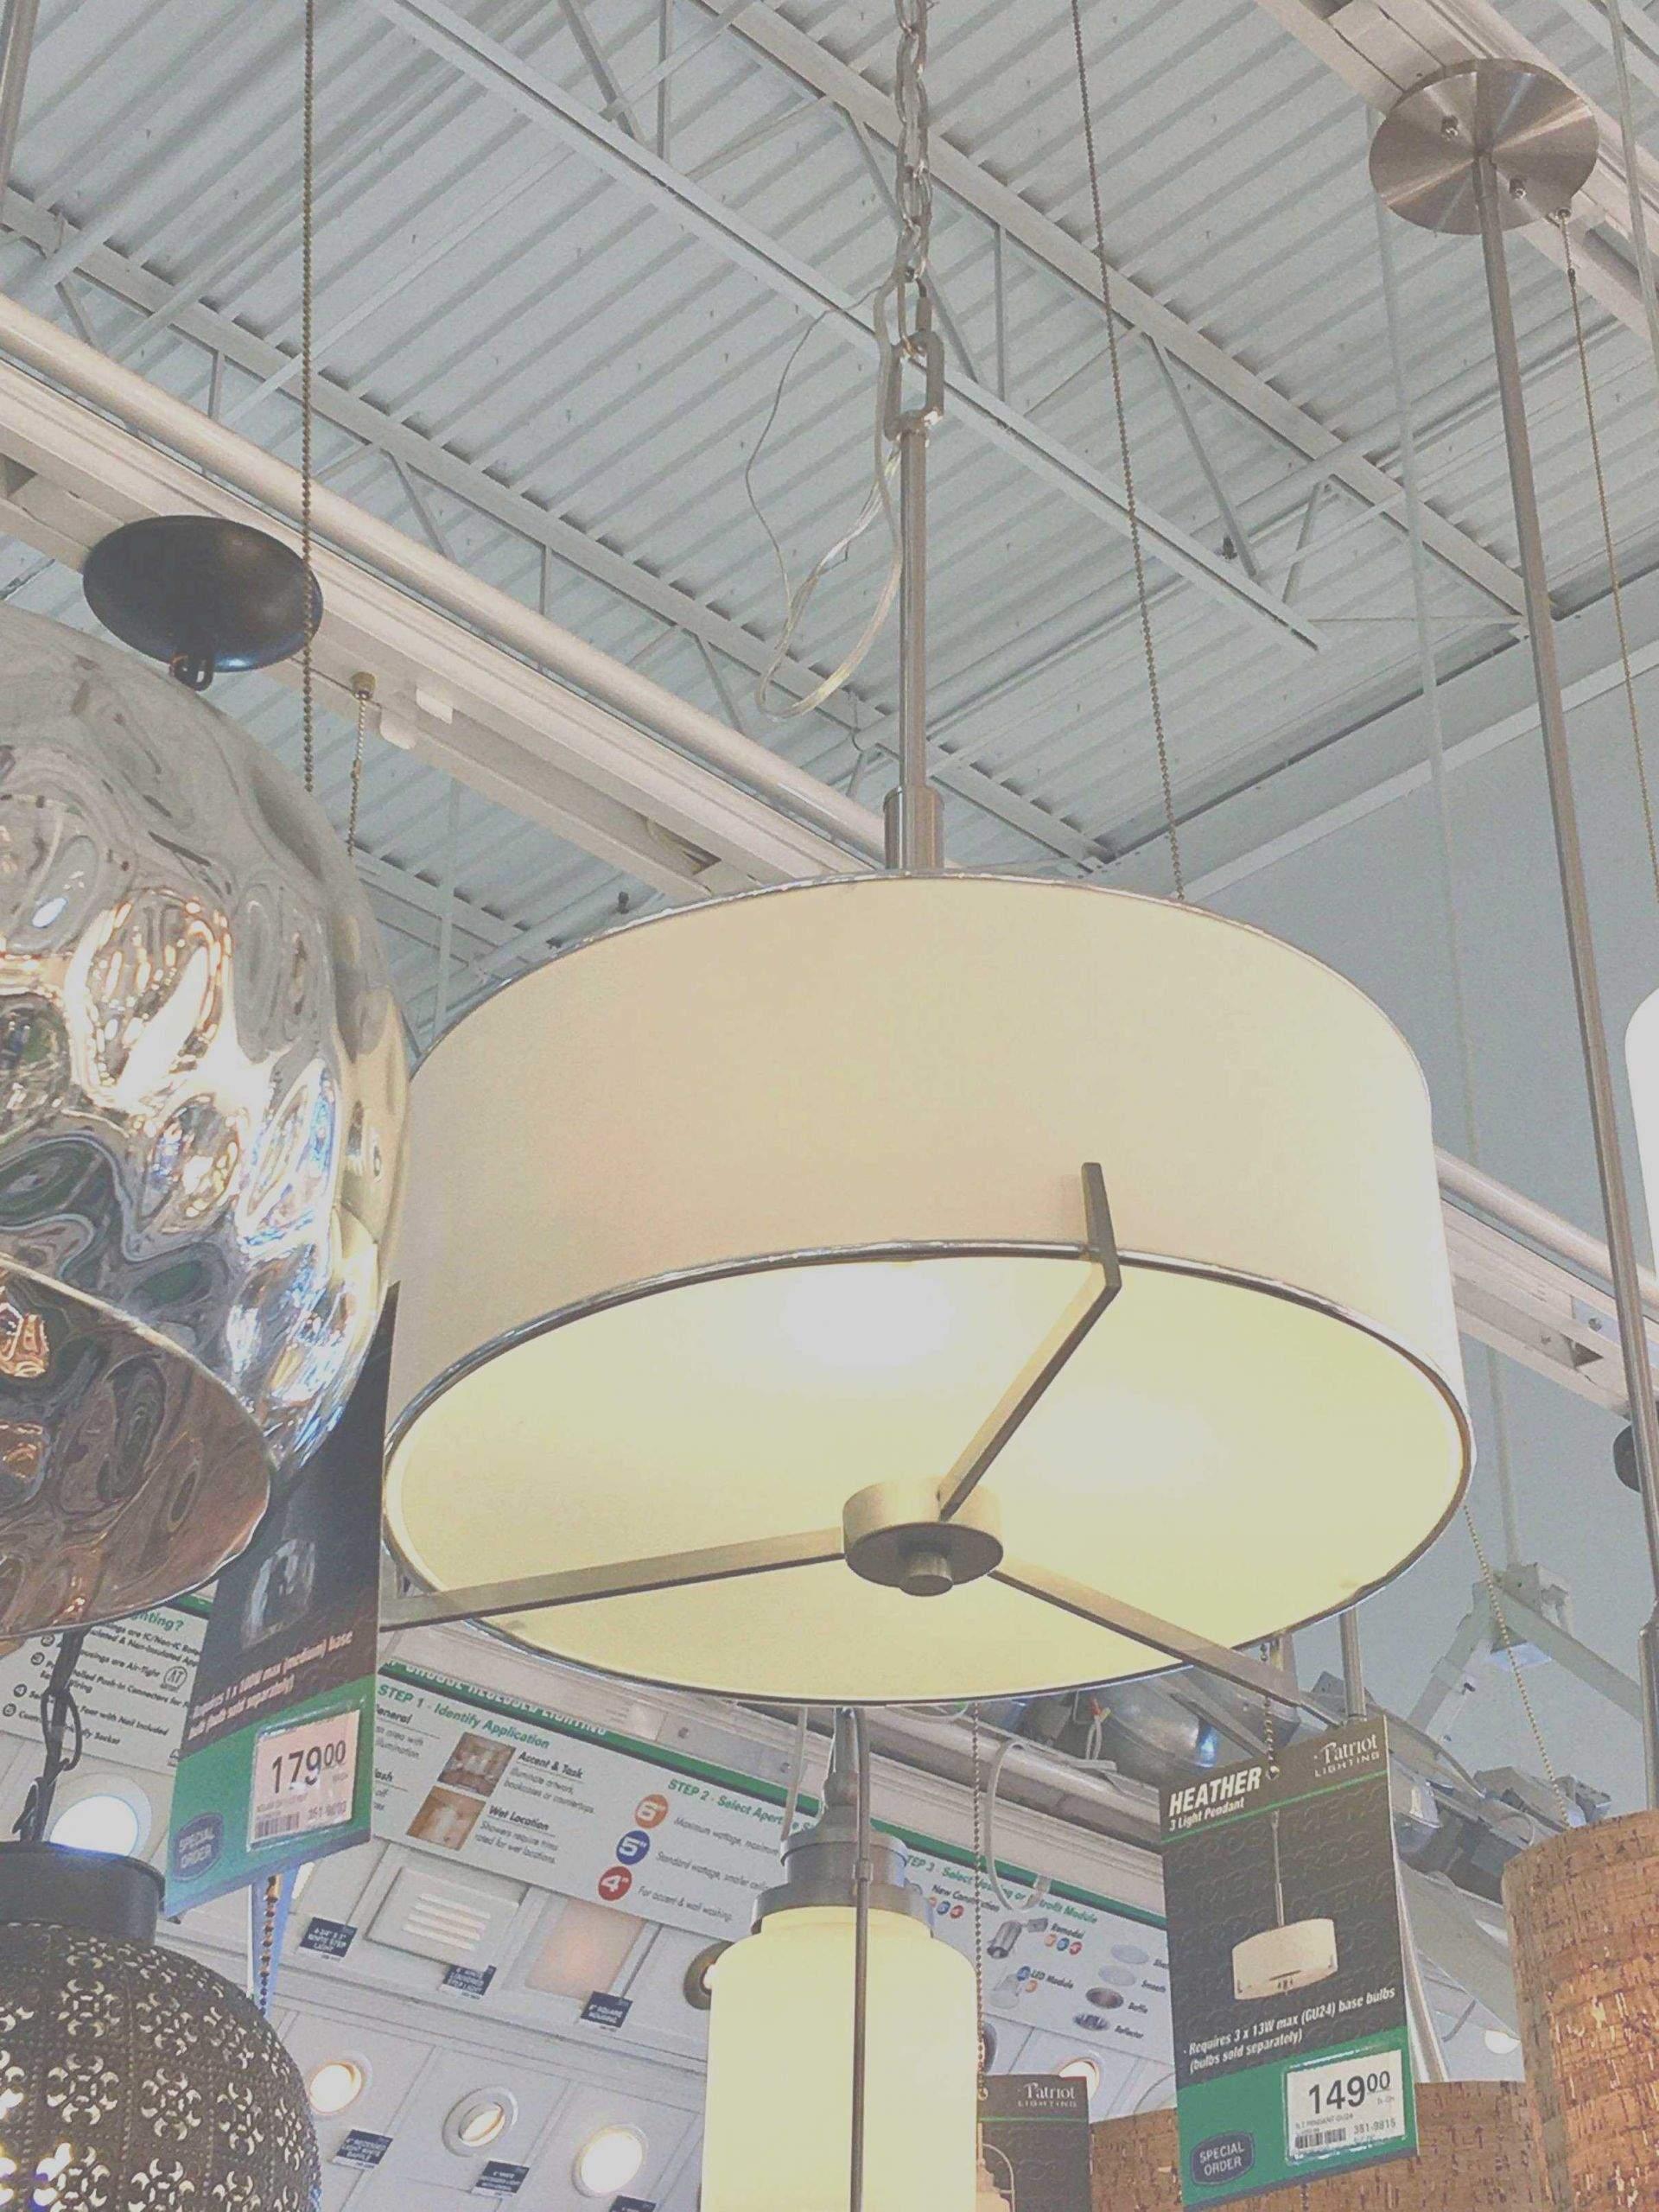 beleuchtung garten led reizend led lampen wohnzimmer genial deckenlampe schlafzimmer 0d of beleuchtung garten led scaled